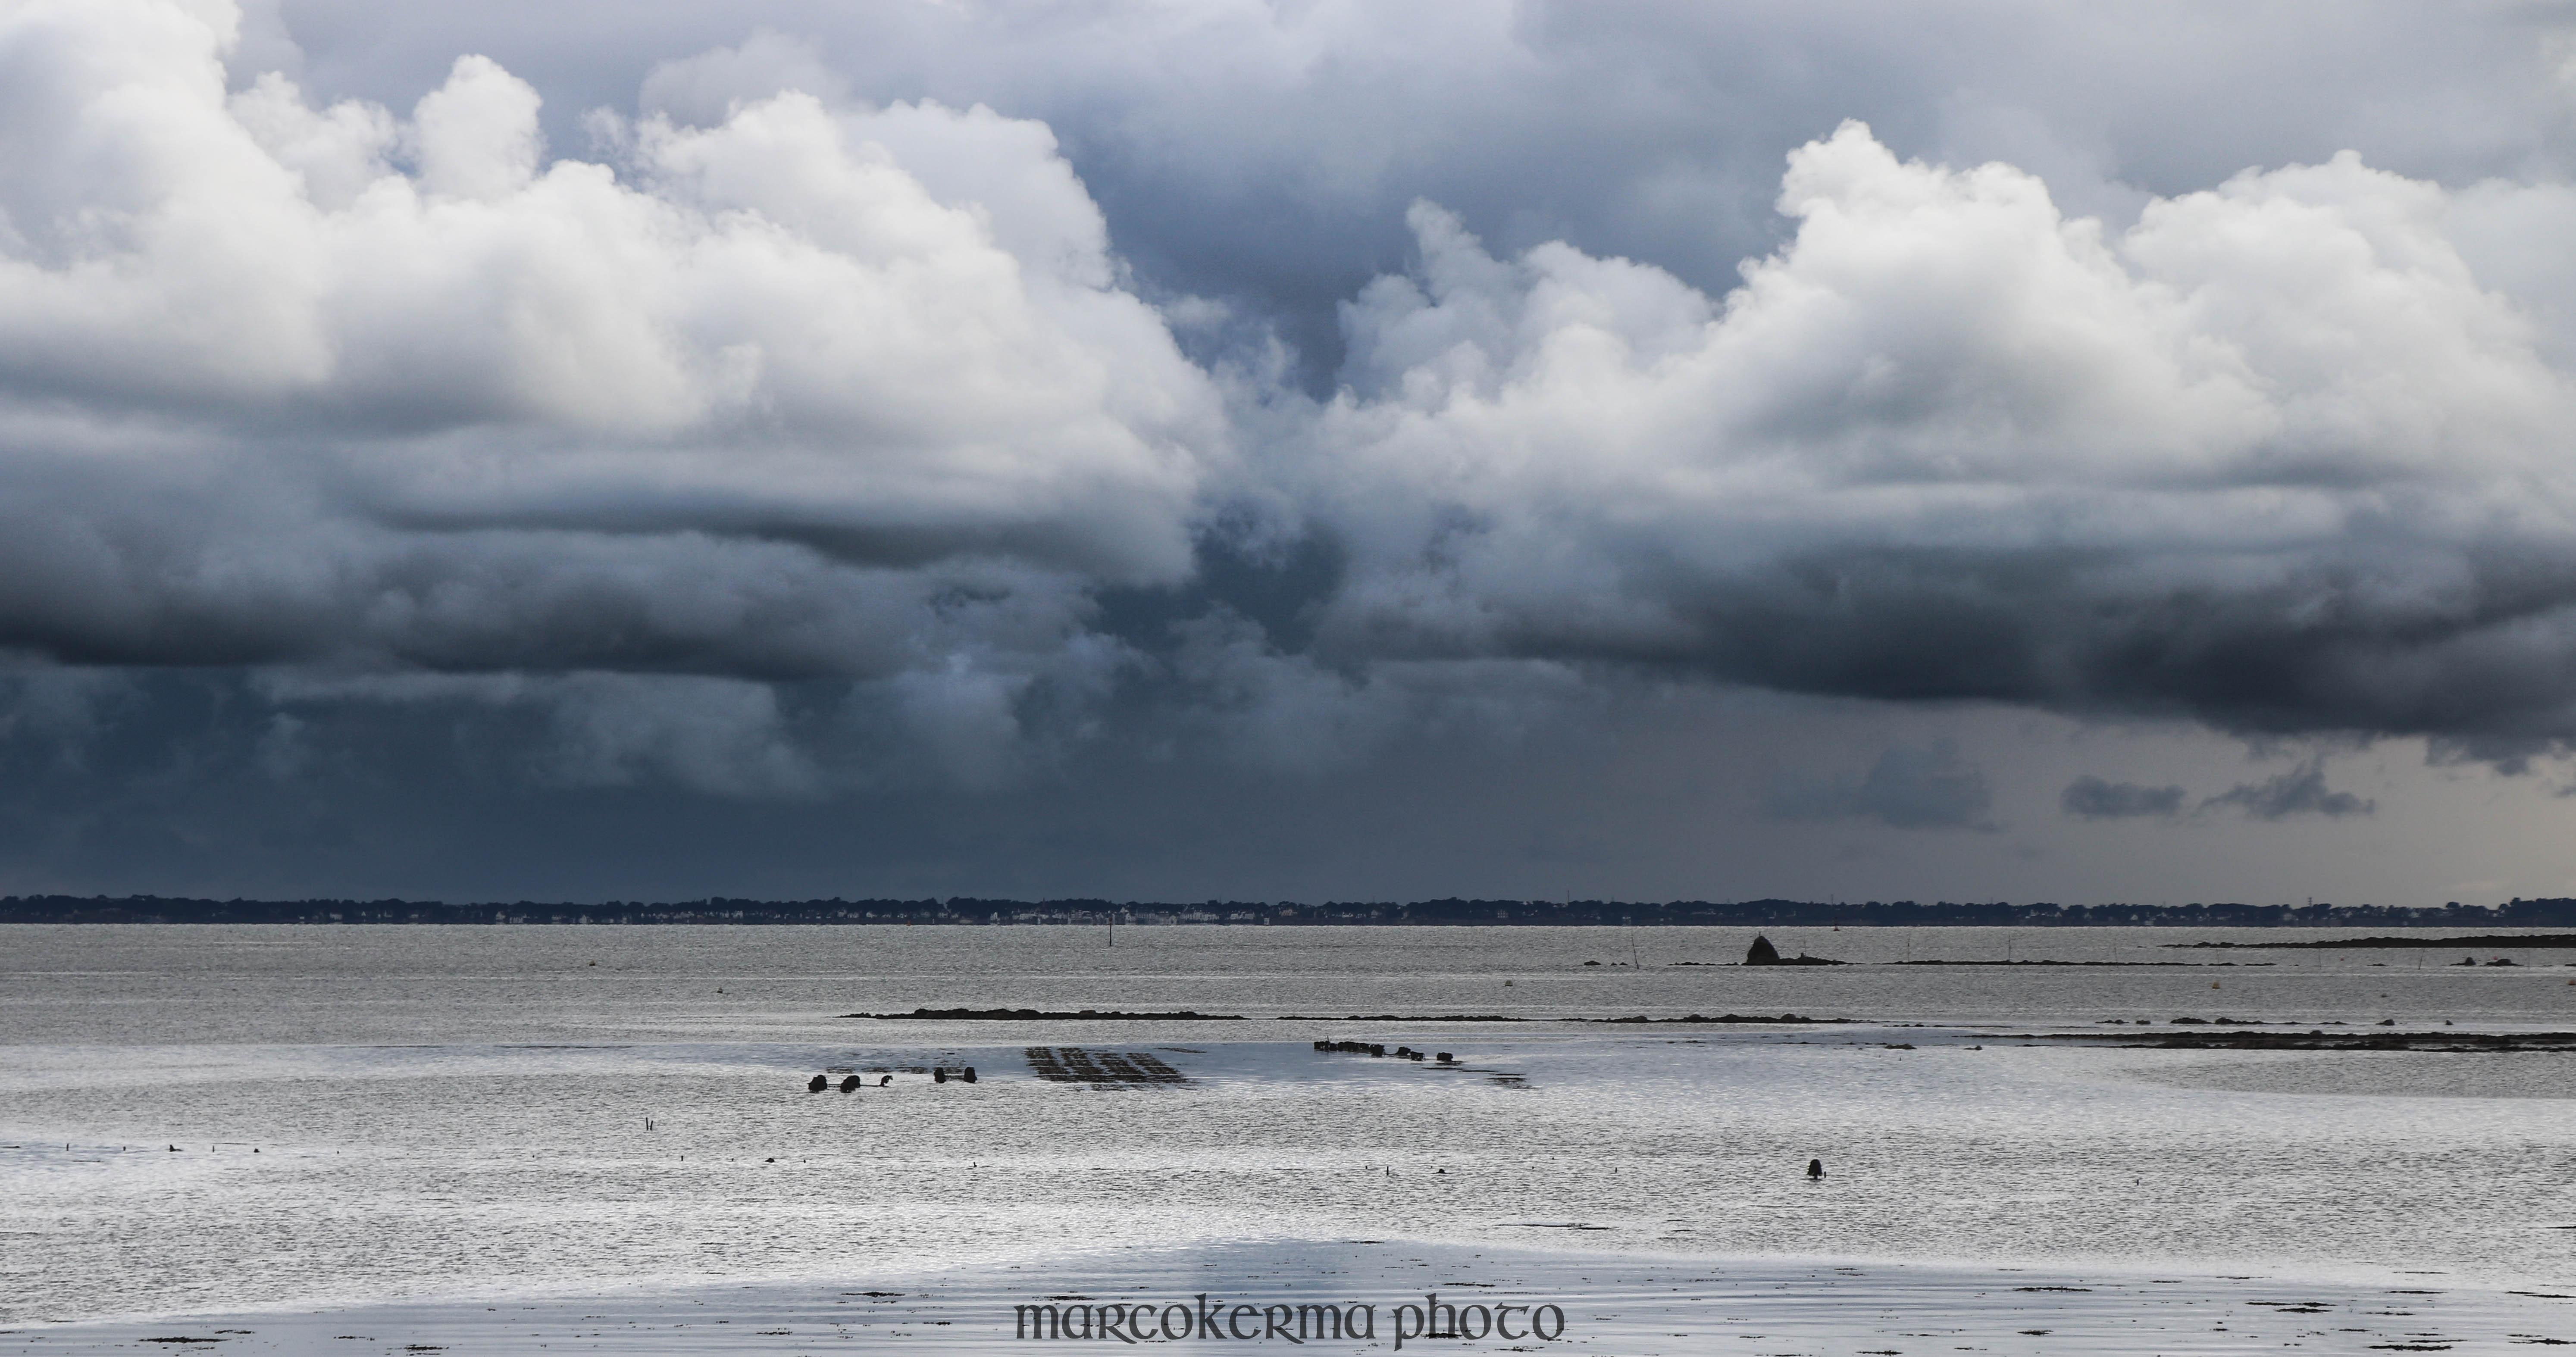 baie de Quiberon, l10 juin 19, 20h32